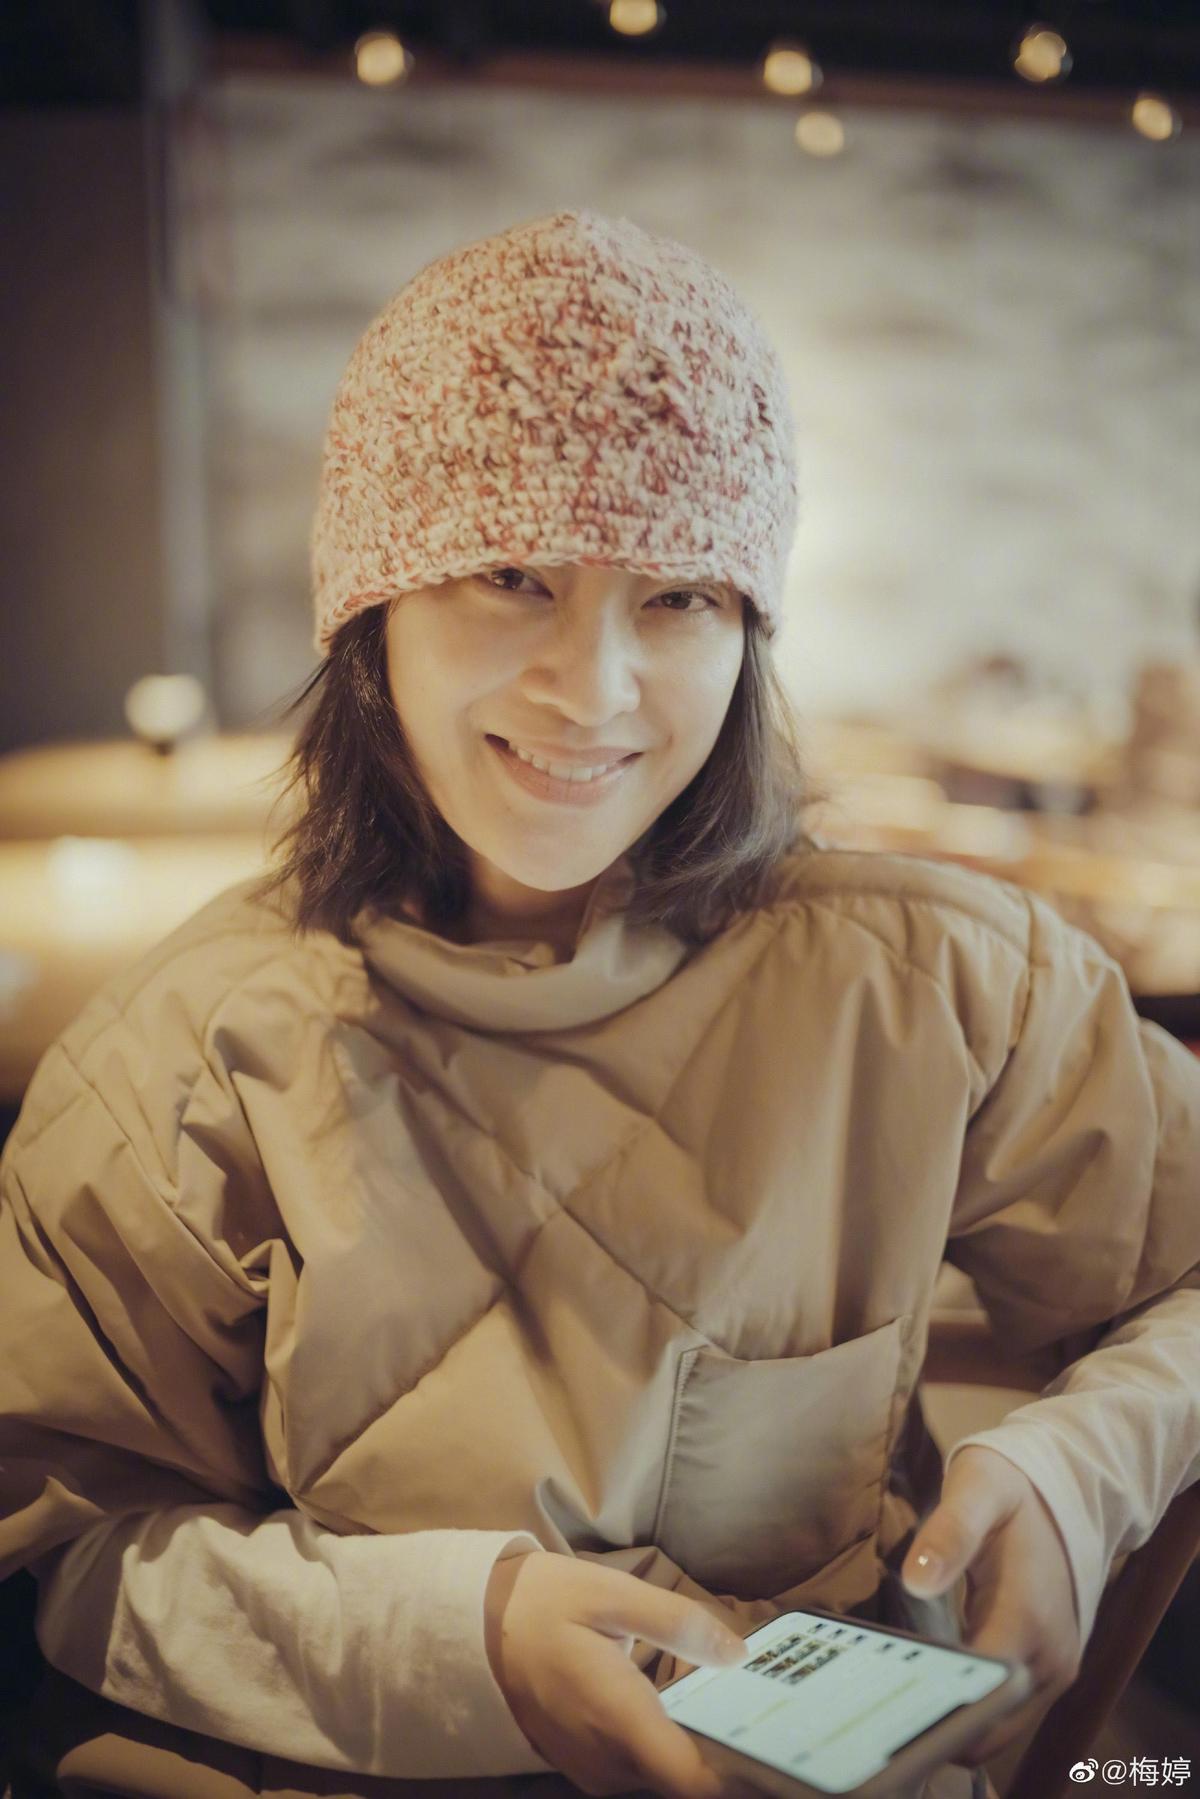 現年44歲的梅婷因主演《不要和陌生人說話》中女主角梅湘南而被觀眾熟知。(翻攝自梅婷微博)